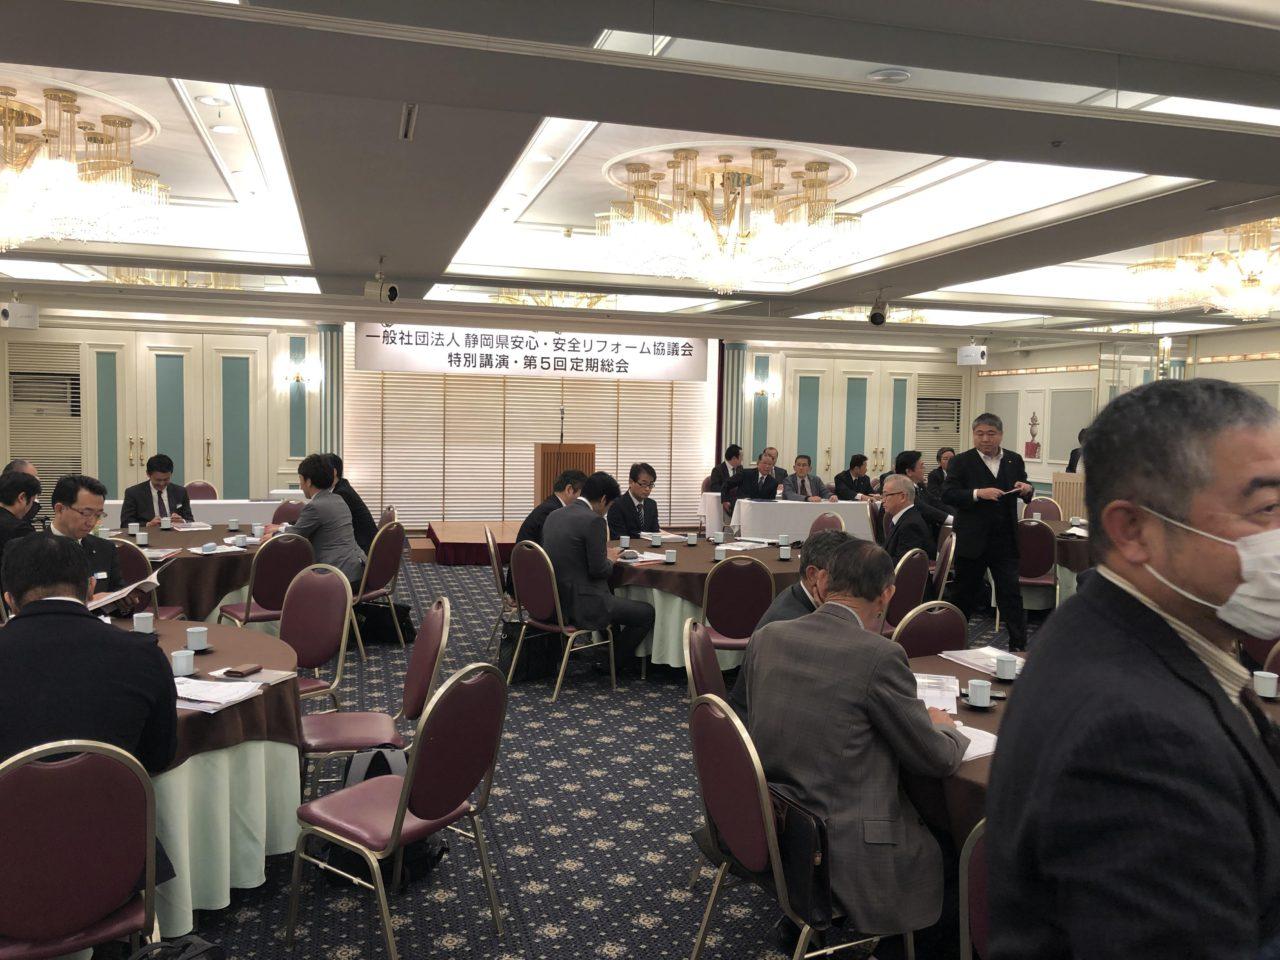 静岡県 安全安心リフォーム協議会 総会に参加